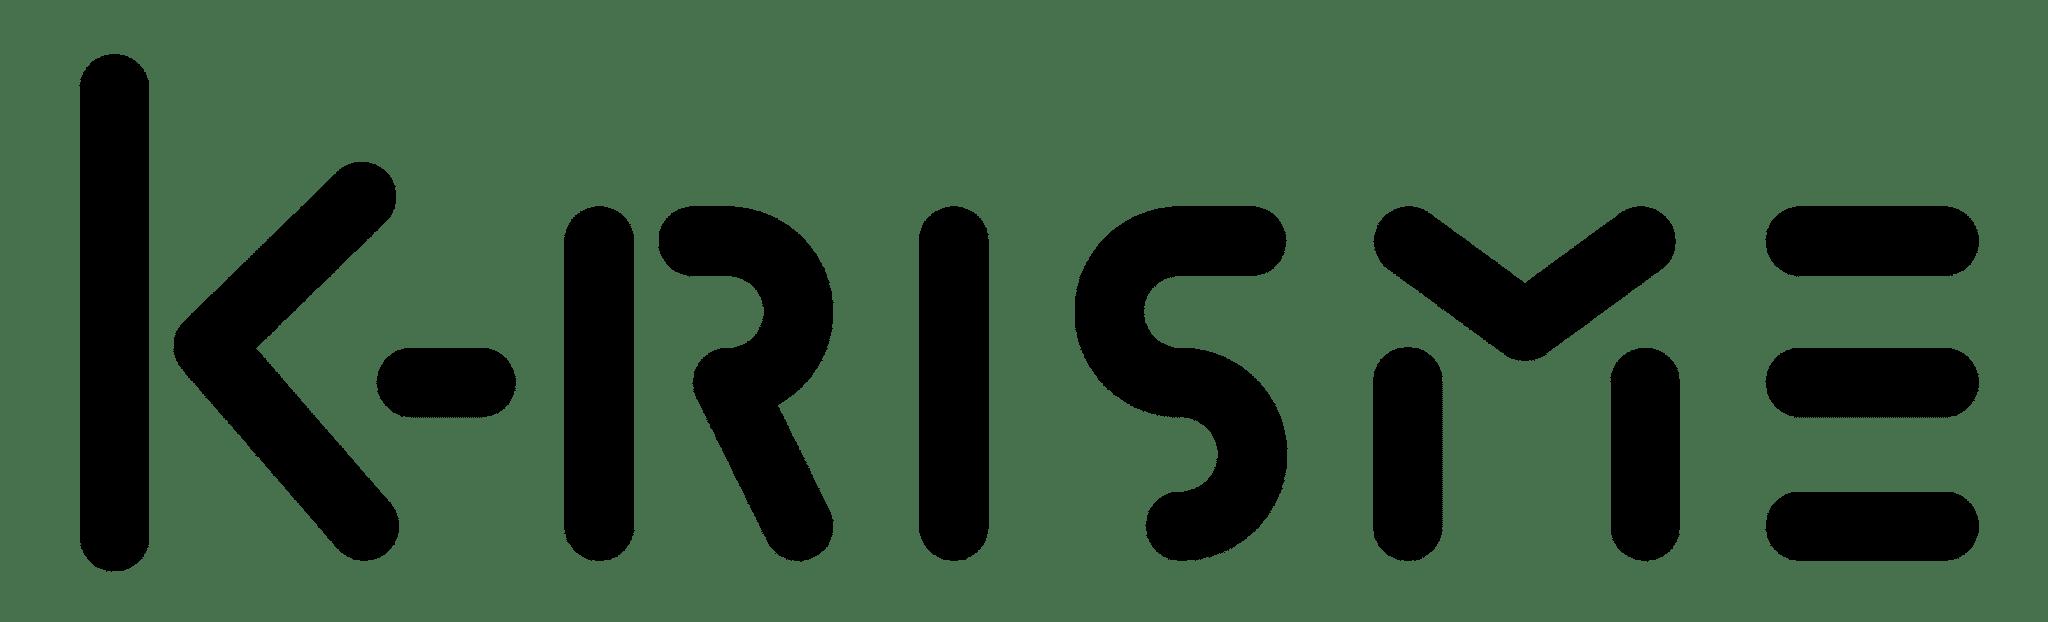 Krisme Logo